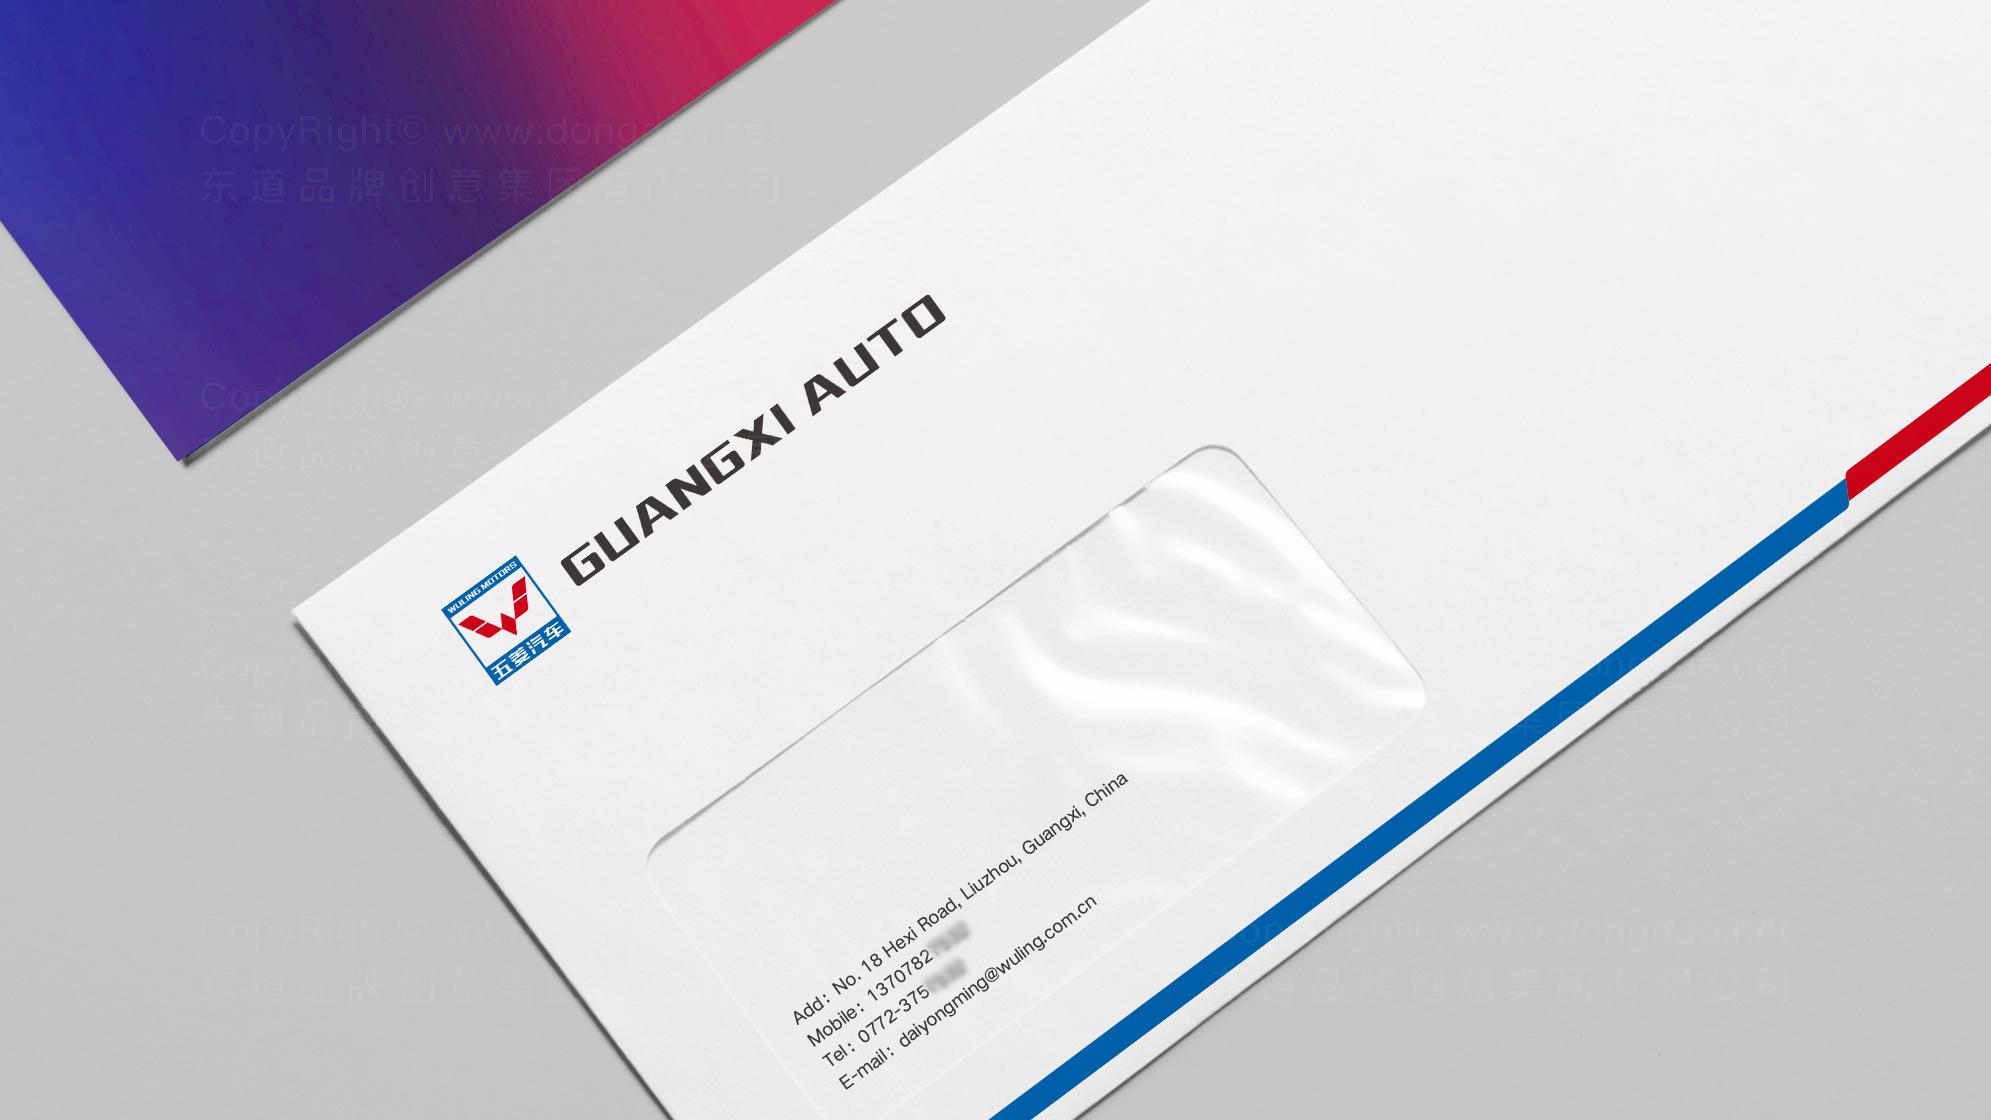 品牌设计广西汽车标志设计应用场景